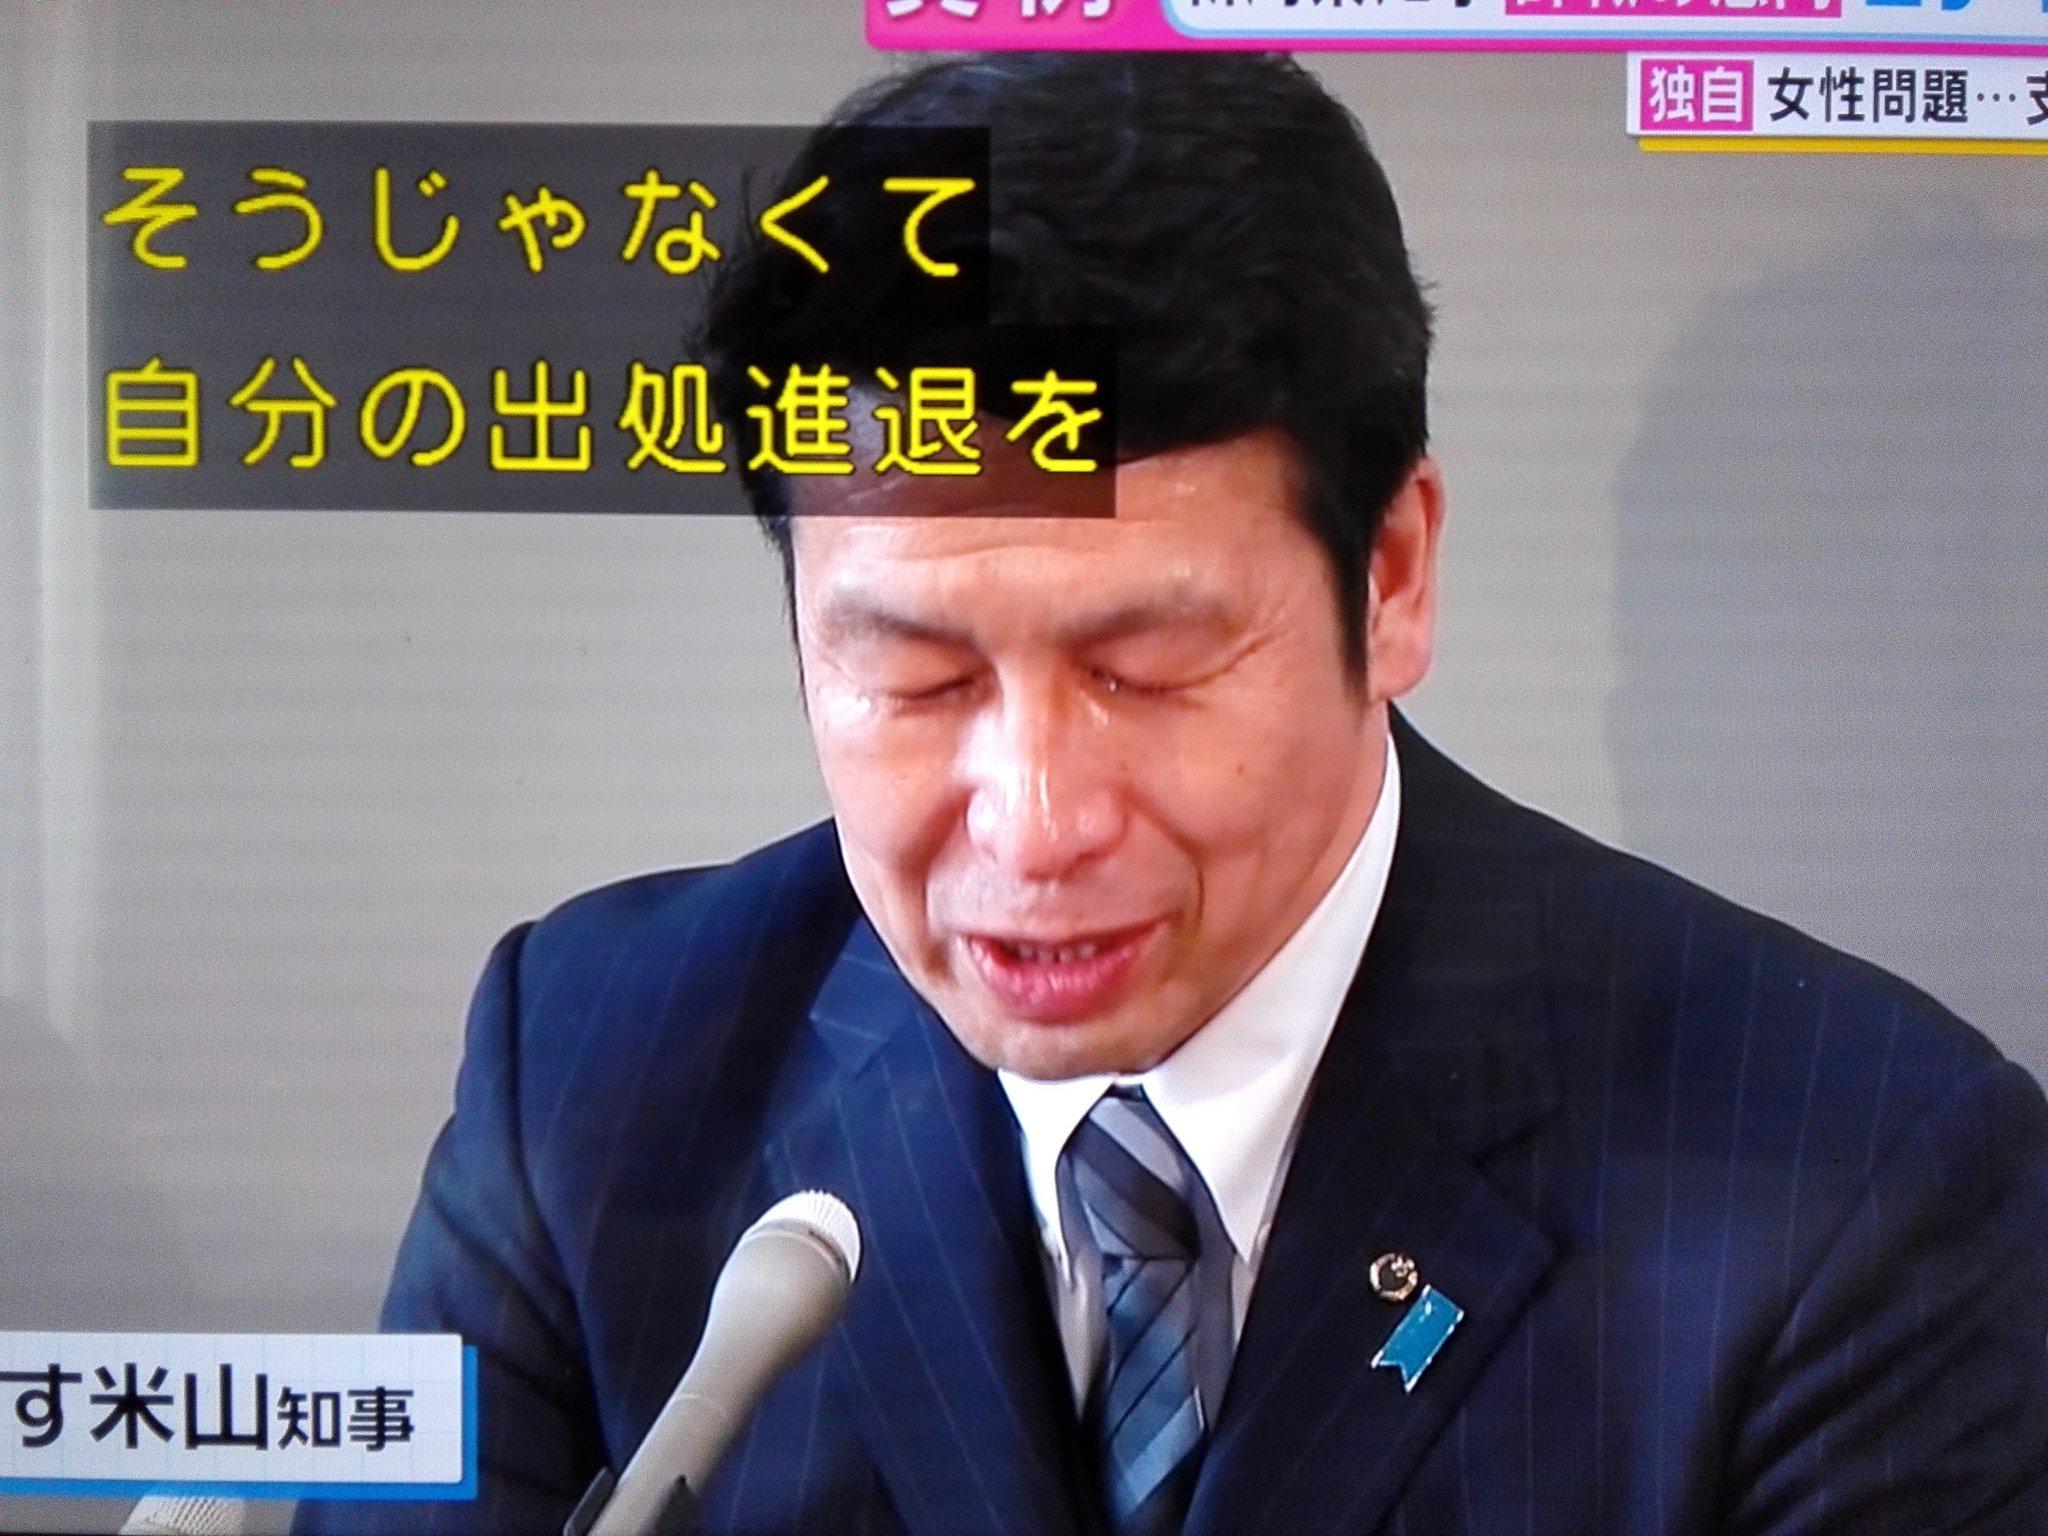 画像,#米山知事 #新潟県知事 辞任➡木曜日まで保留➡結局辞任知事に説明受けて、支援者、愛想を尽かす。「世の中に週刊誌が出回る前に再稼働反対派家の活動にも傷がつく。自…